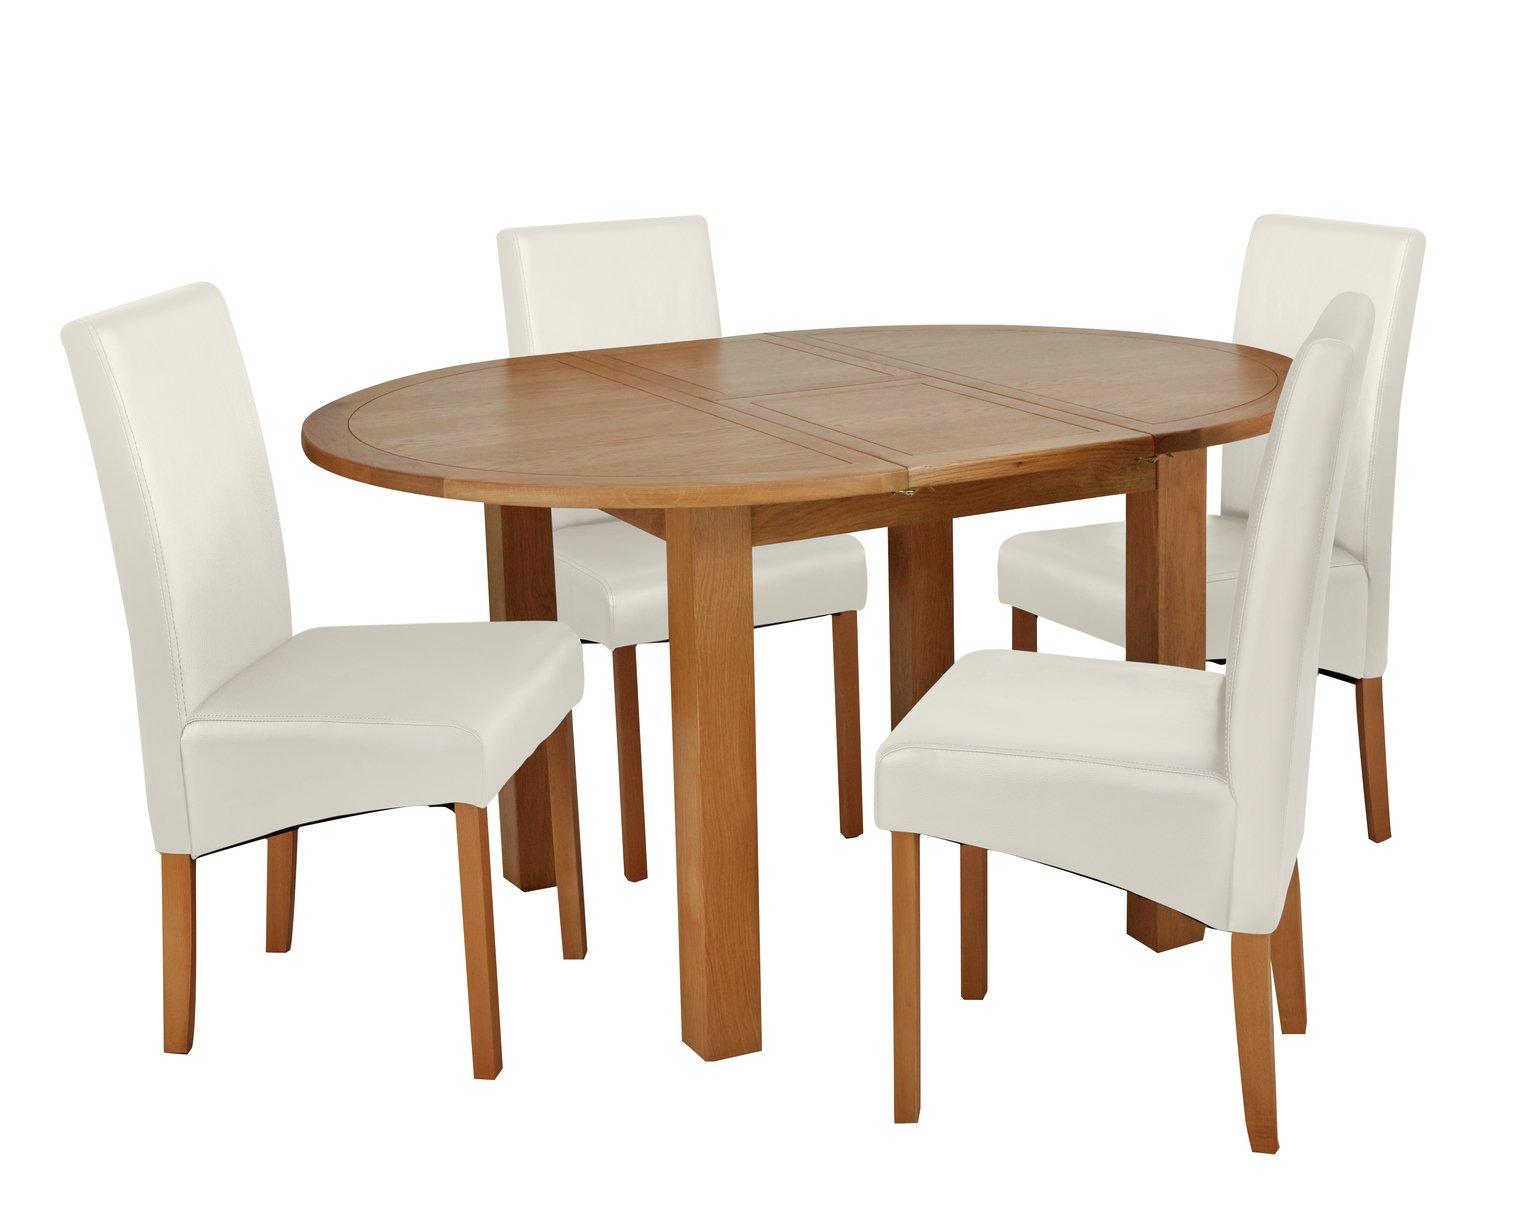 Argos Home Clifton Oak Extending Round Table & 4 Cream Chair